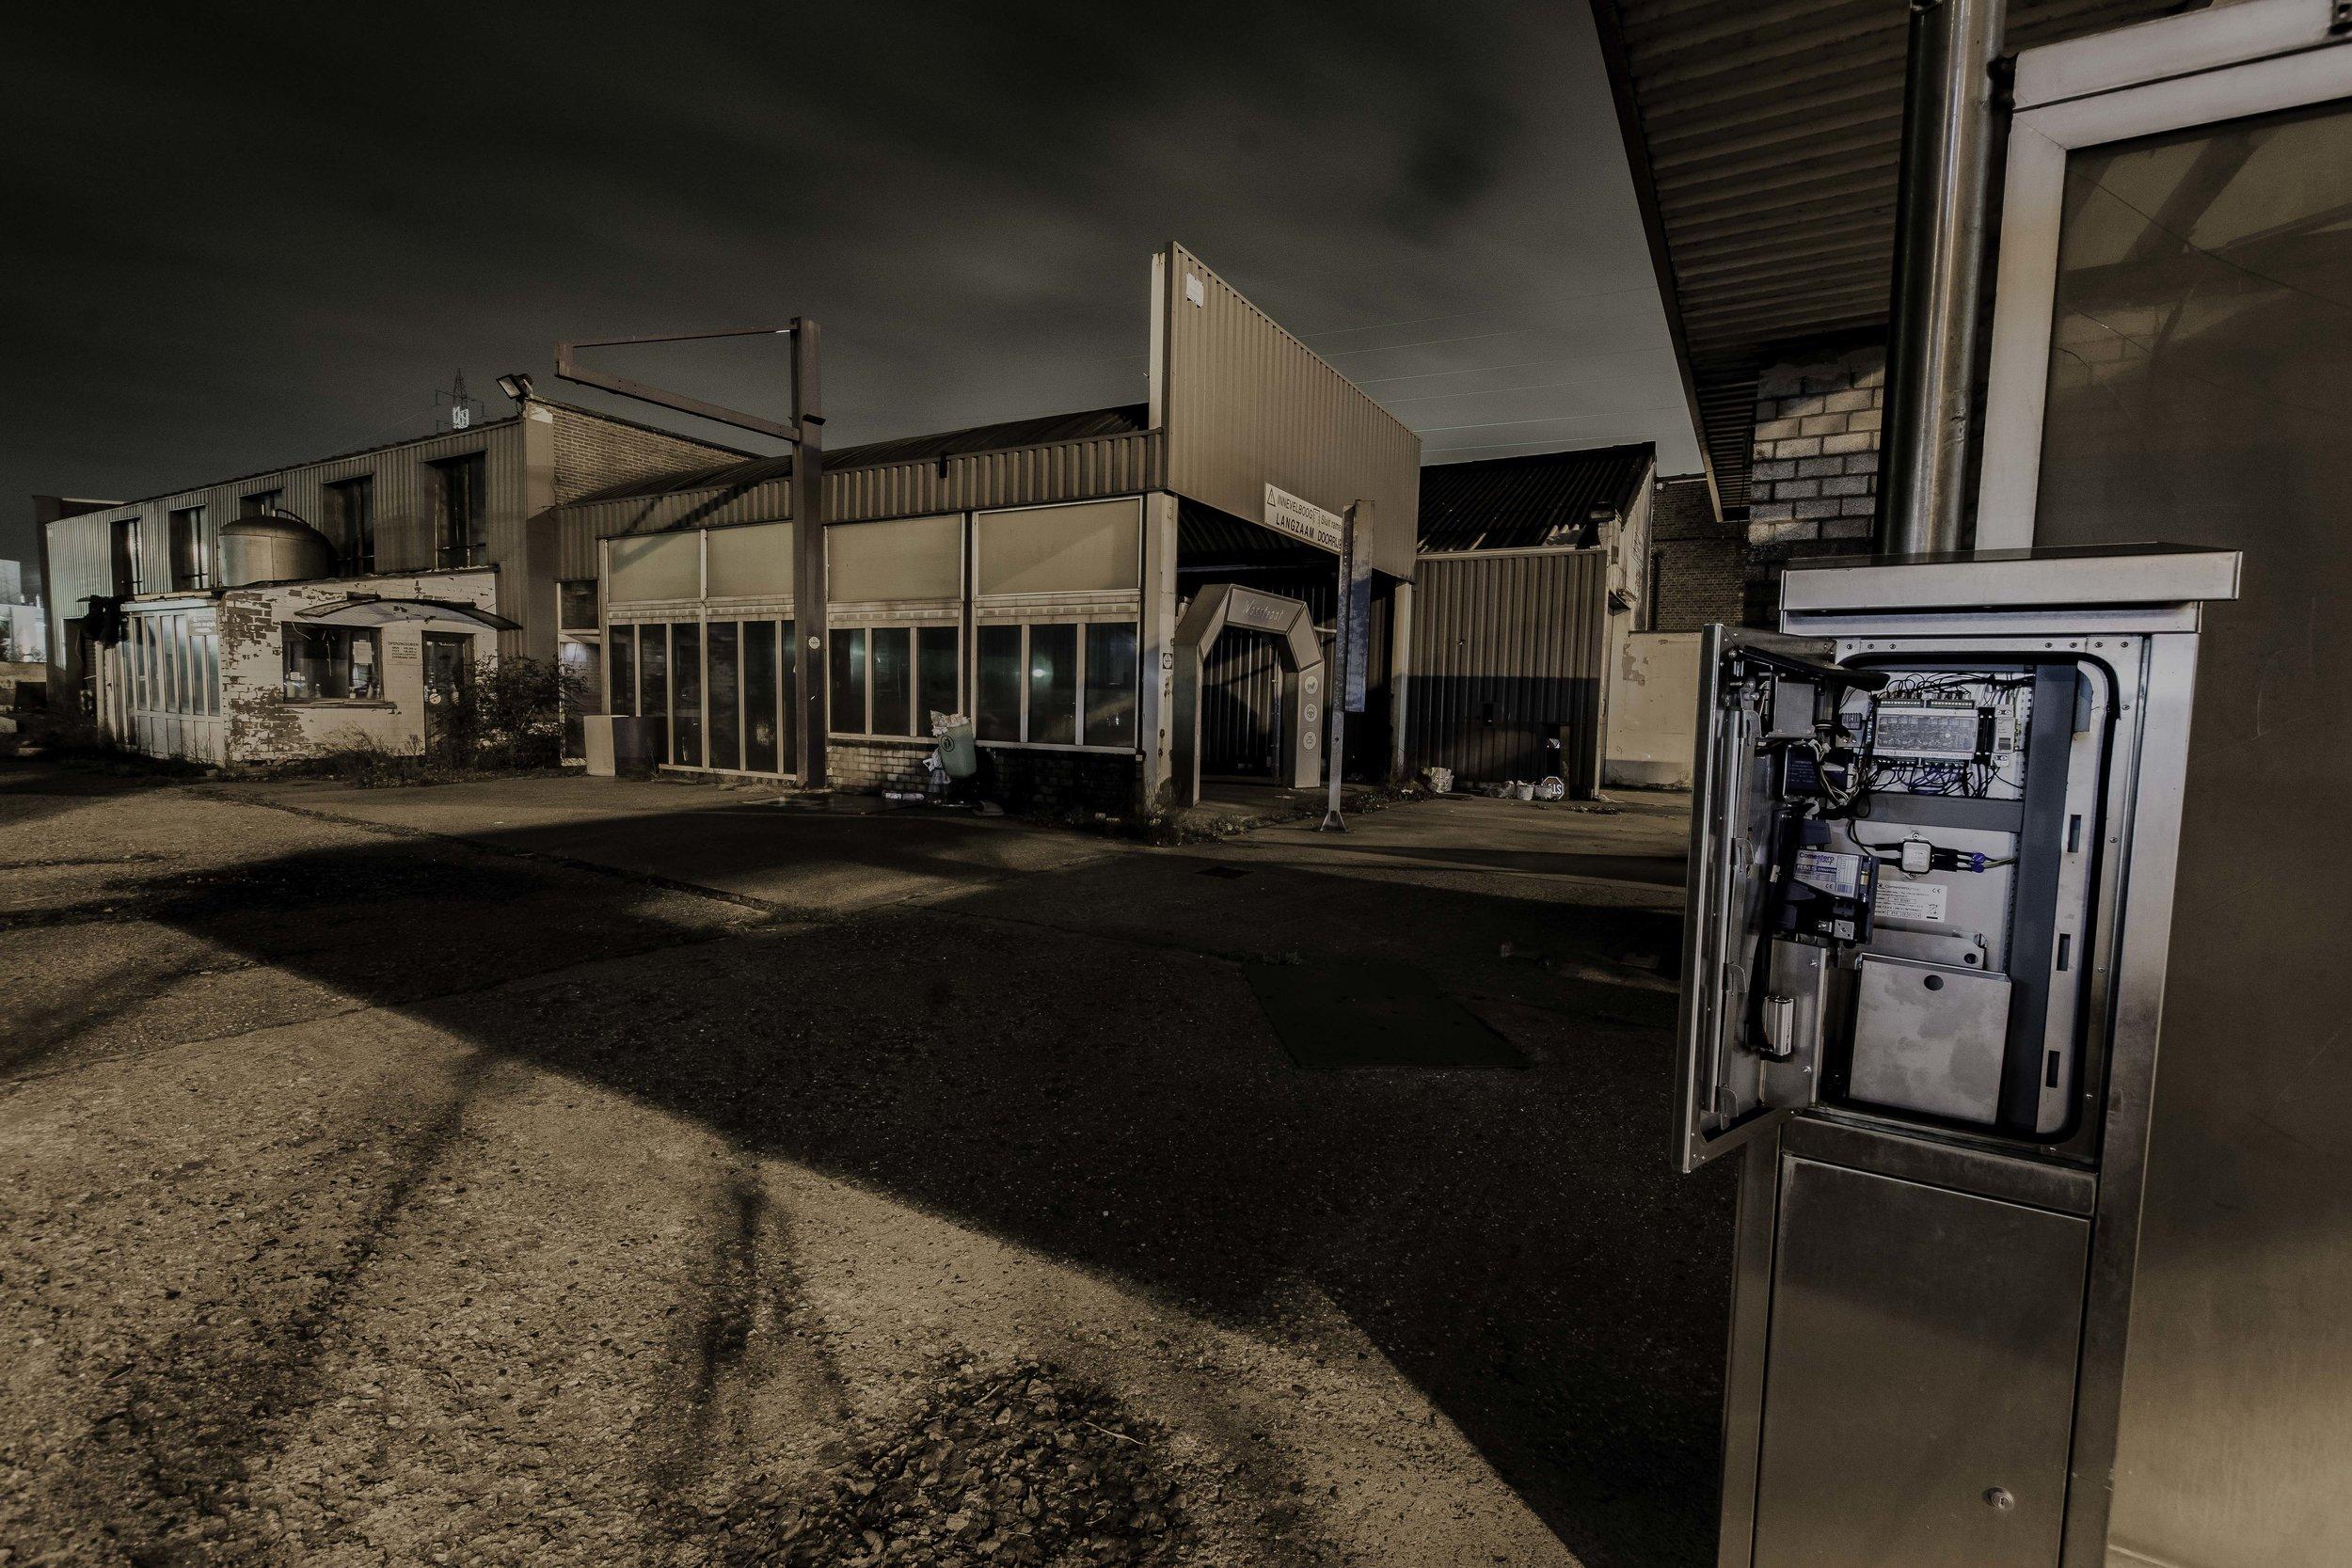 viewfinder-creativeboody-sven-van-santvliet-urbexfotografie-antwerpen-nachtfotografie-avondfotografie-verlaten-gebouwen-6